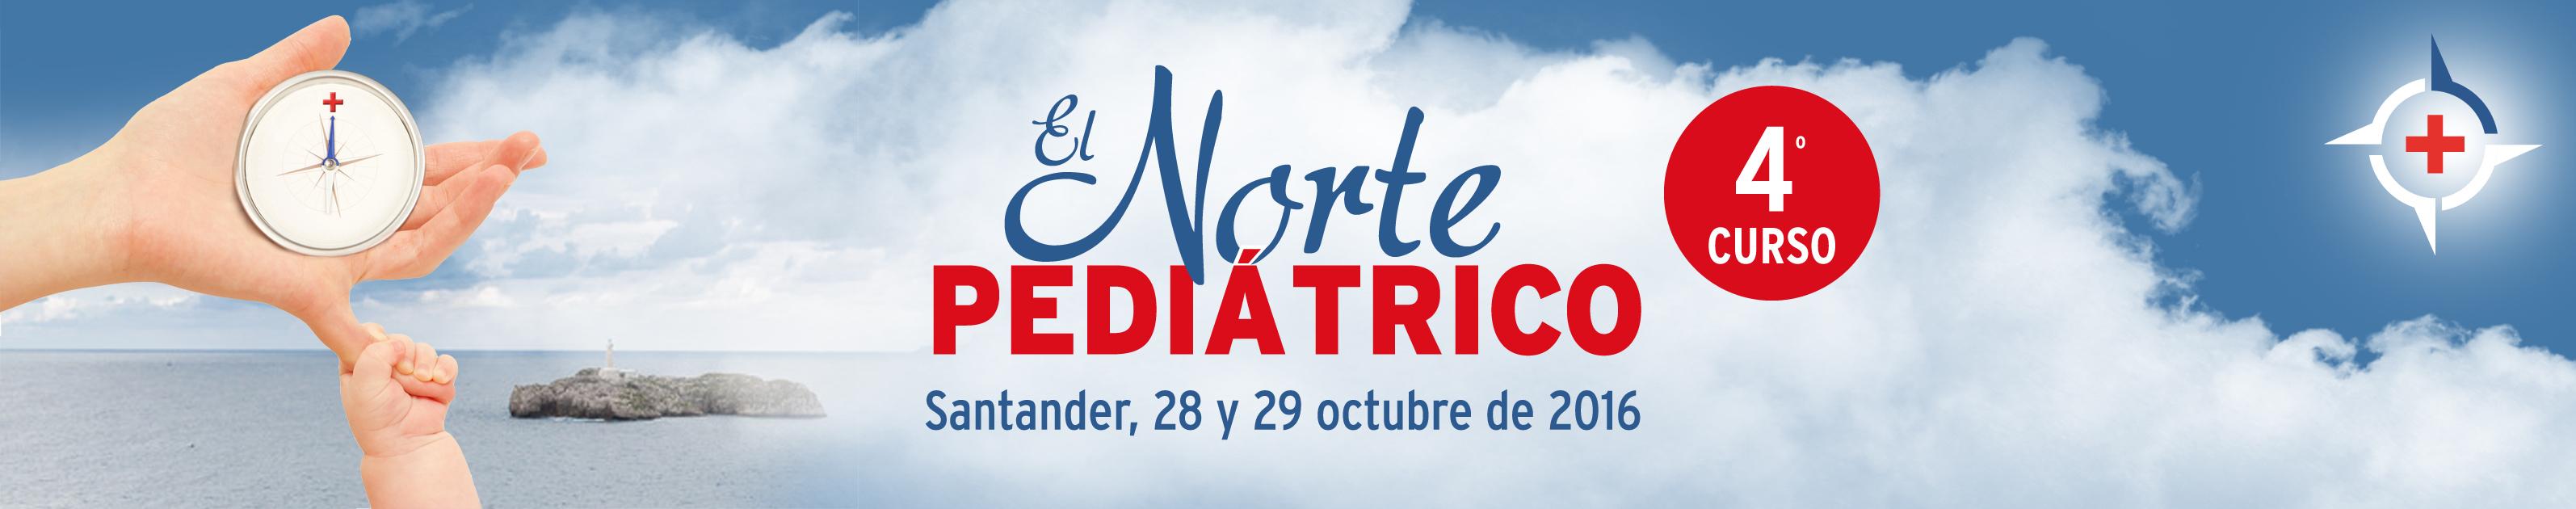 Organización de Curso del Norte Pediátrico